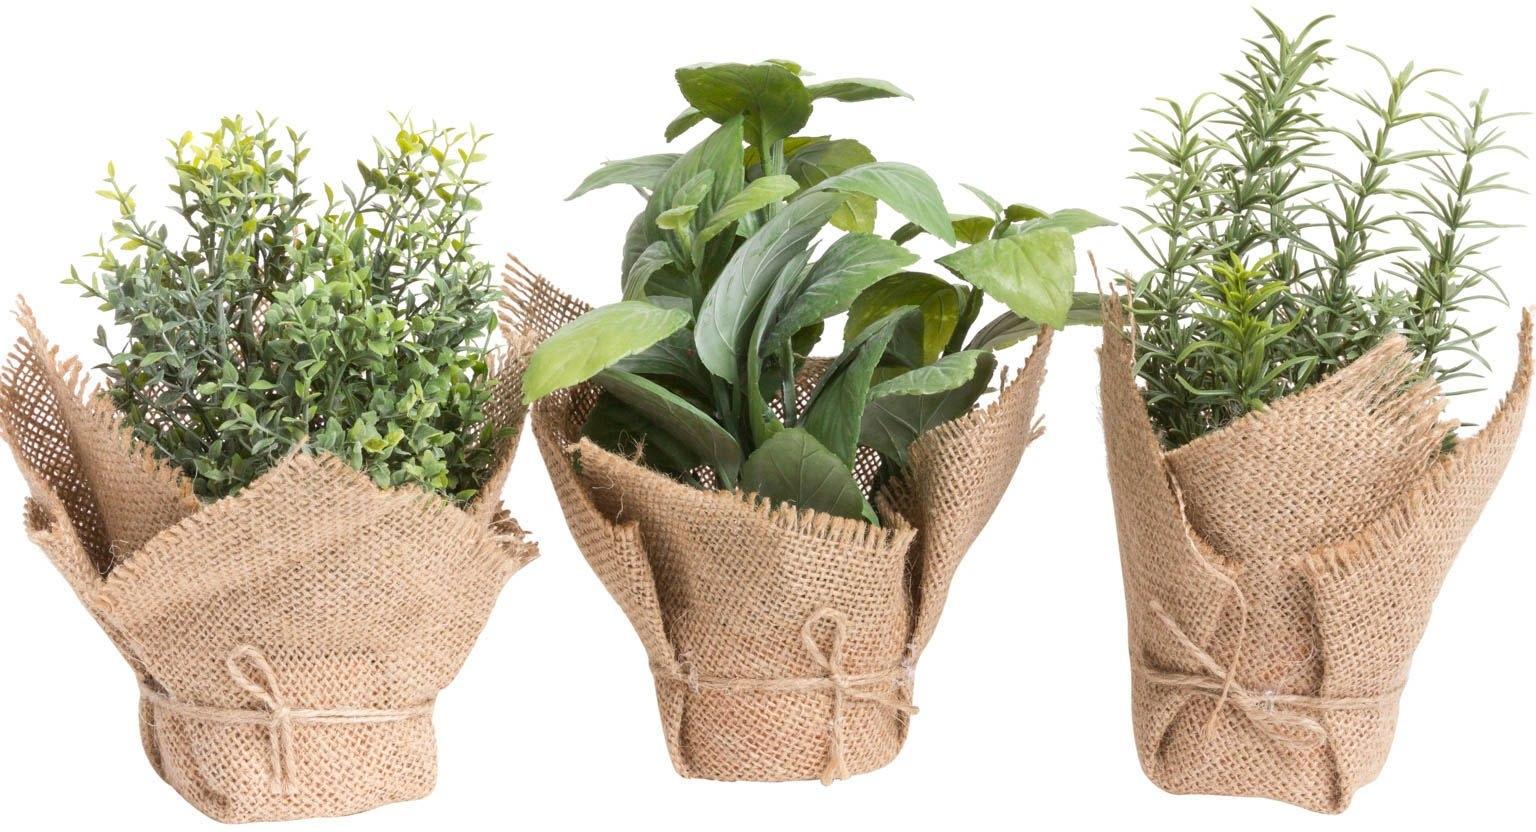 Botanic-Haus kunst-potplanten Kruiden (set, 3 stuks) - gratis ruilen op otto.nl